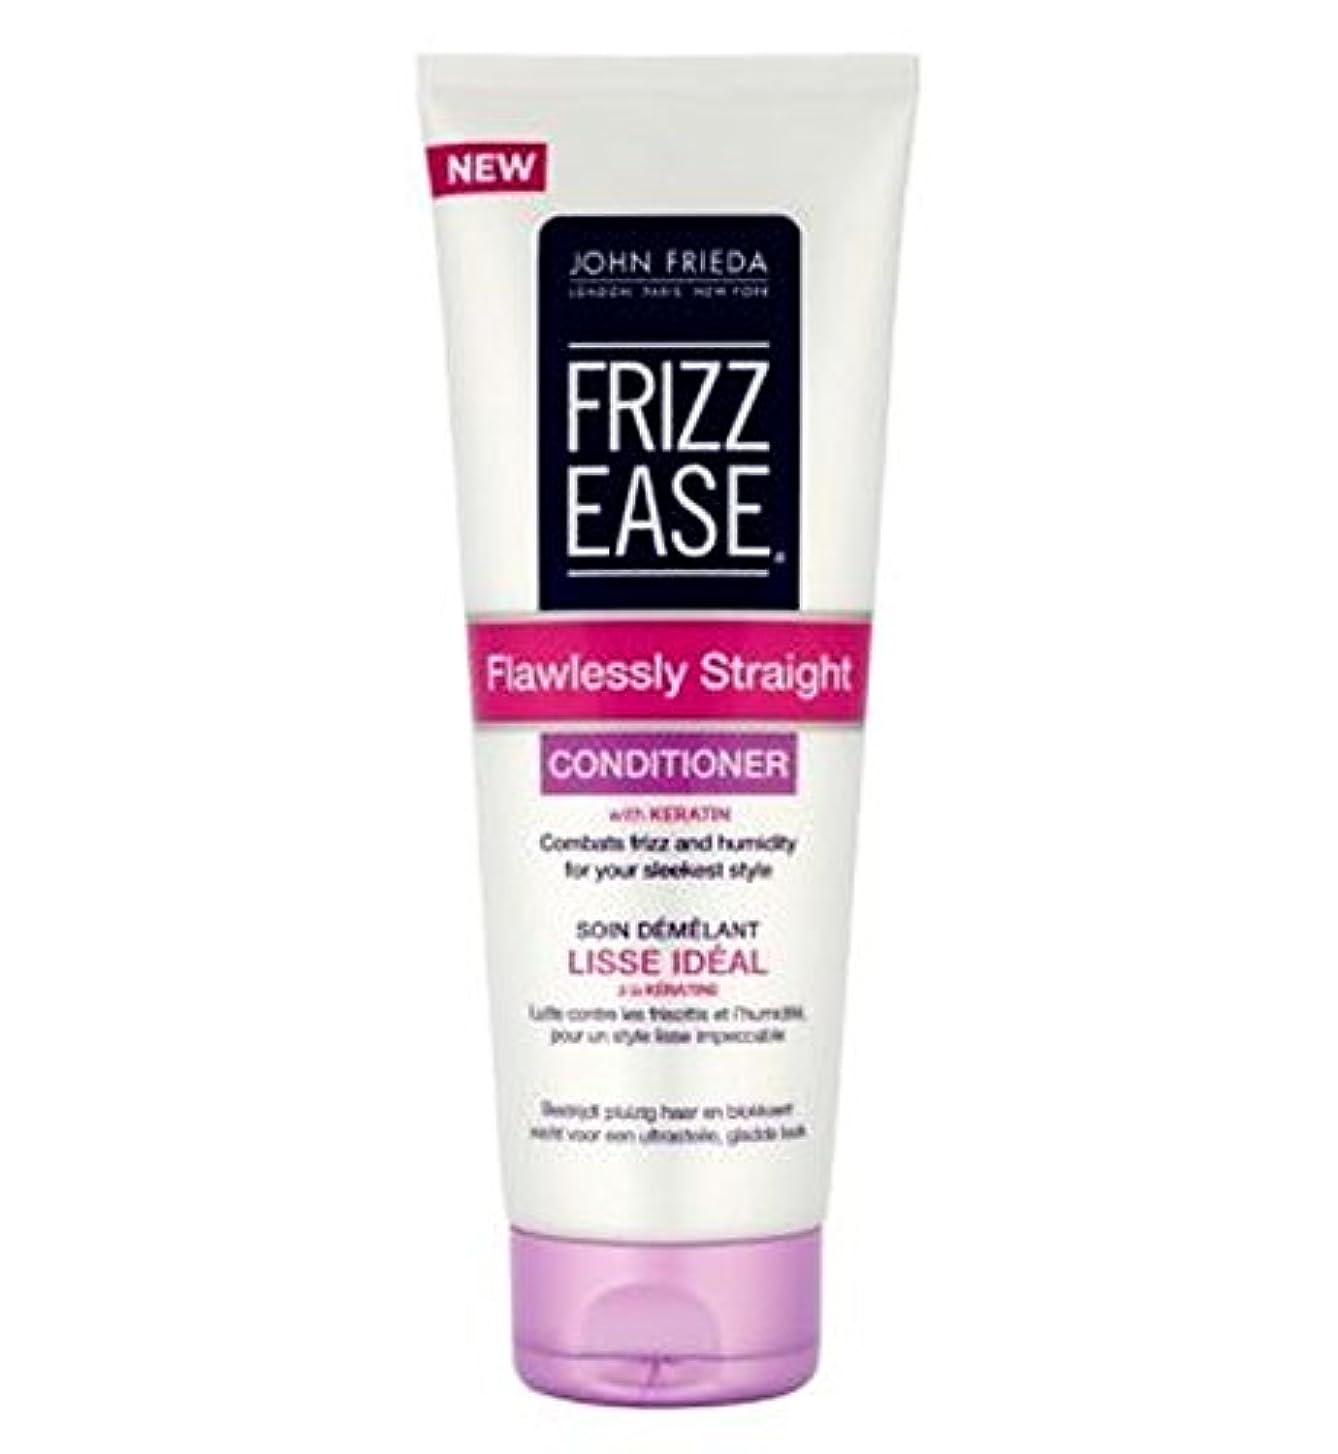 ジョン?フリーダ縮れ-容易完璧ストレートコンディショナー250Ml (John Frieda) (x2) - John Frieda Frizz-Ease Flawlessly Straight Conditioner...